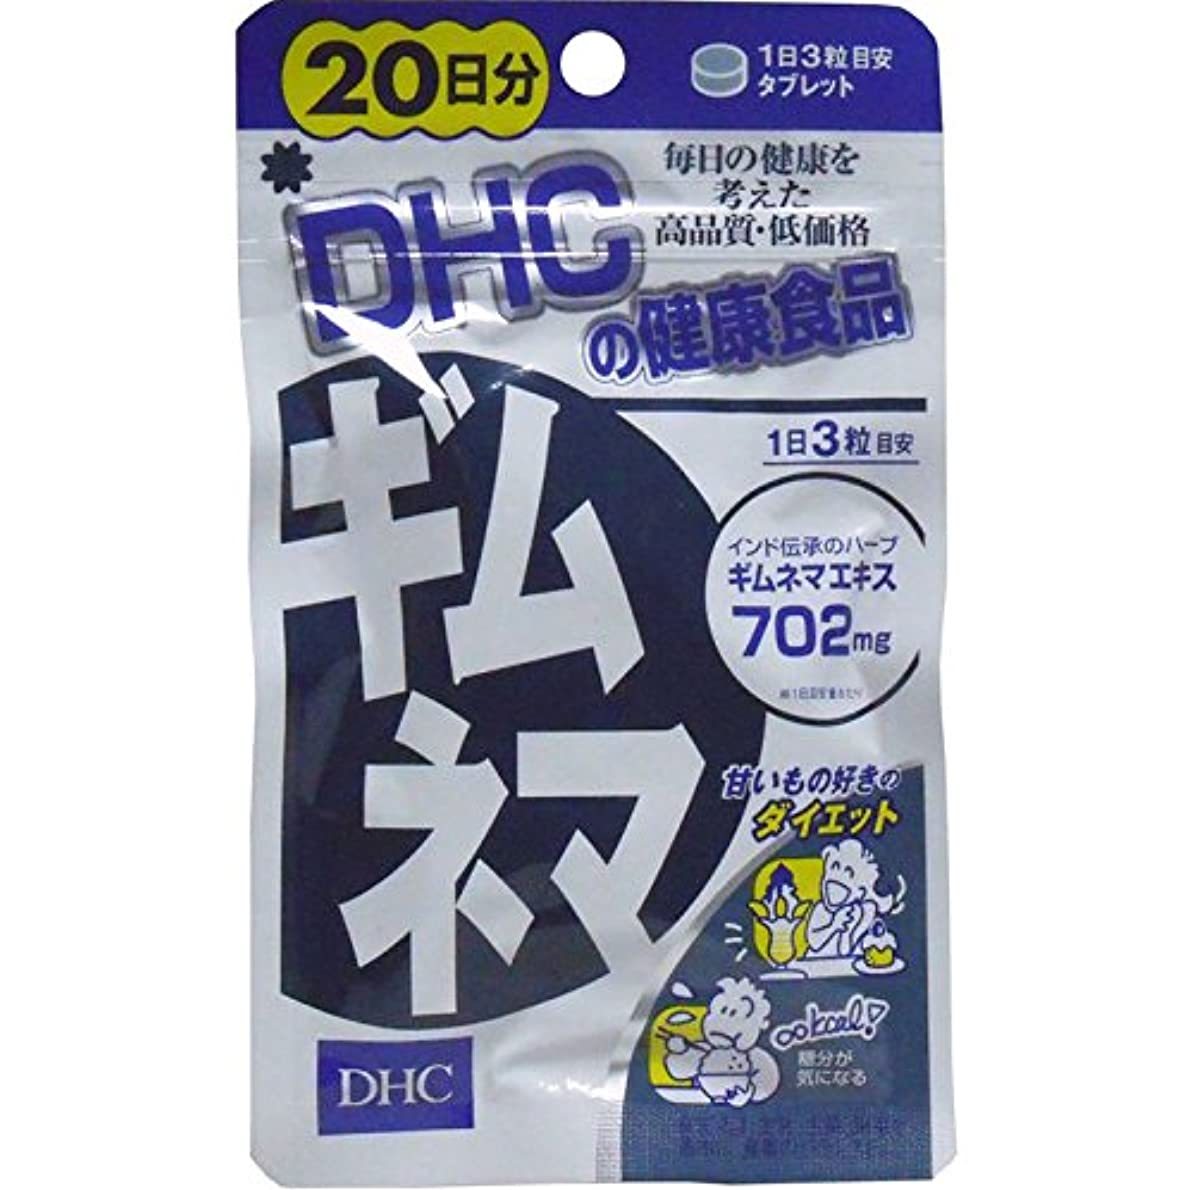 倍率酸度超高層ビルダイエット 美容 健康 余分な糖分をブロック 便利 DHC ギムネマ 20日分 60粒【3個セット】